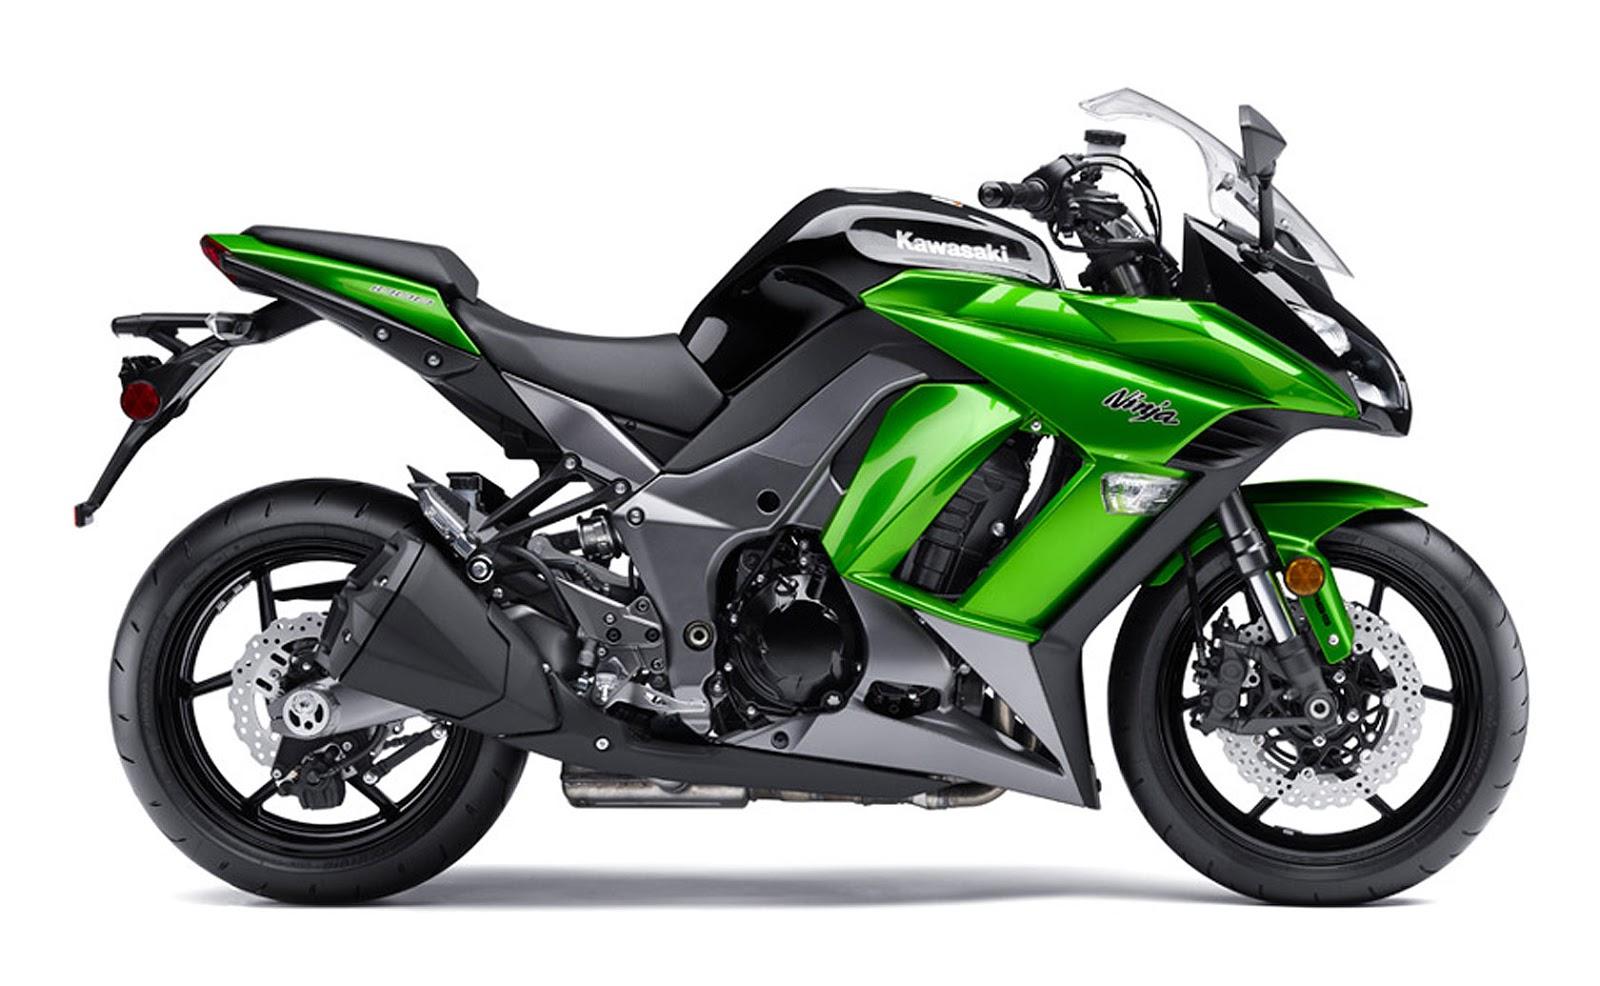 Kawasaki Ninja Abs